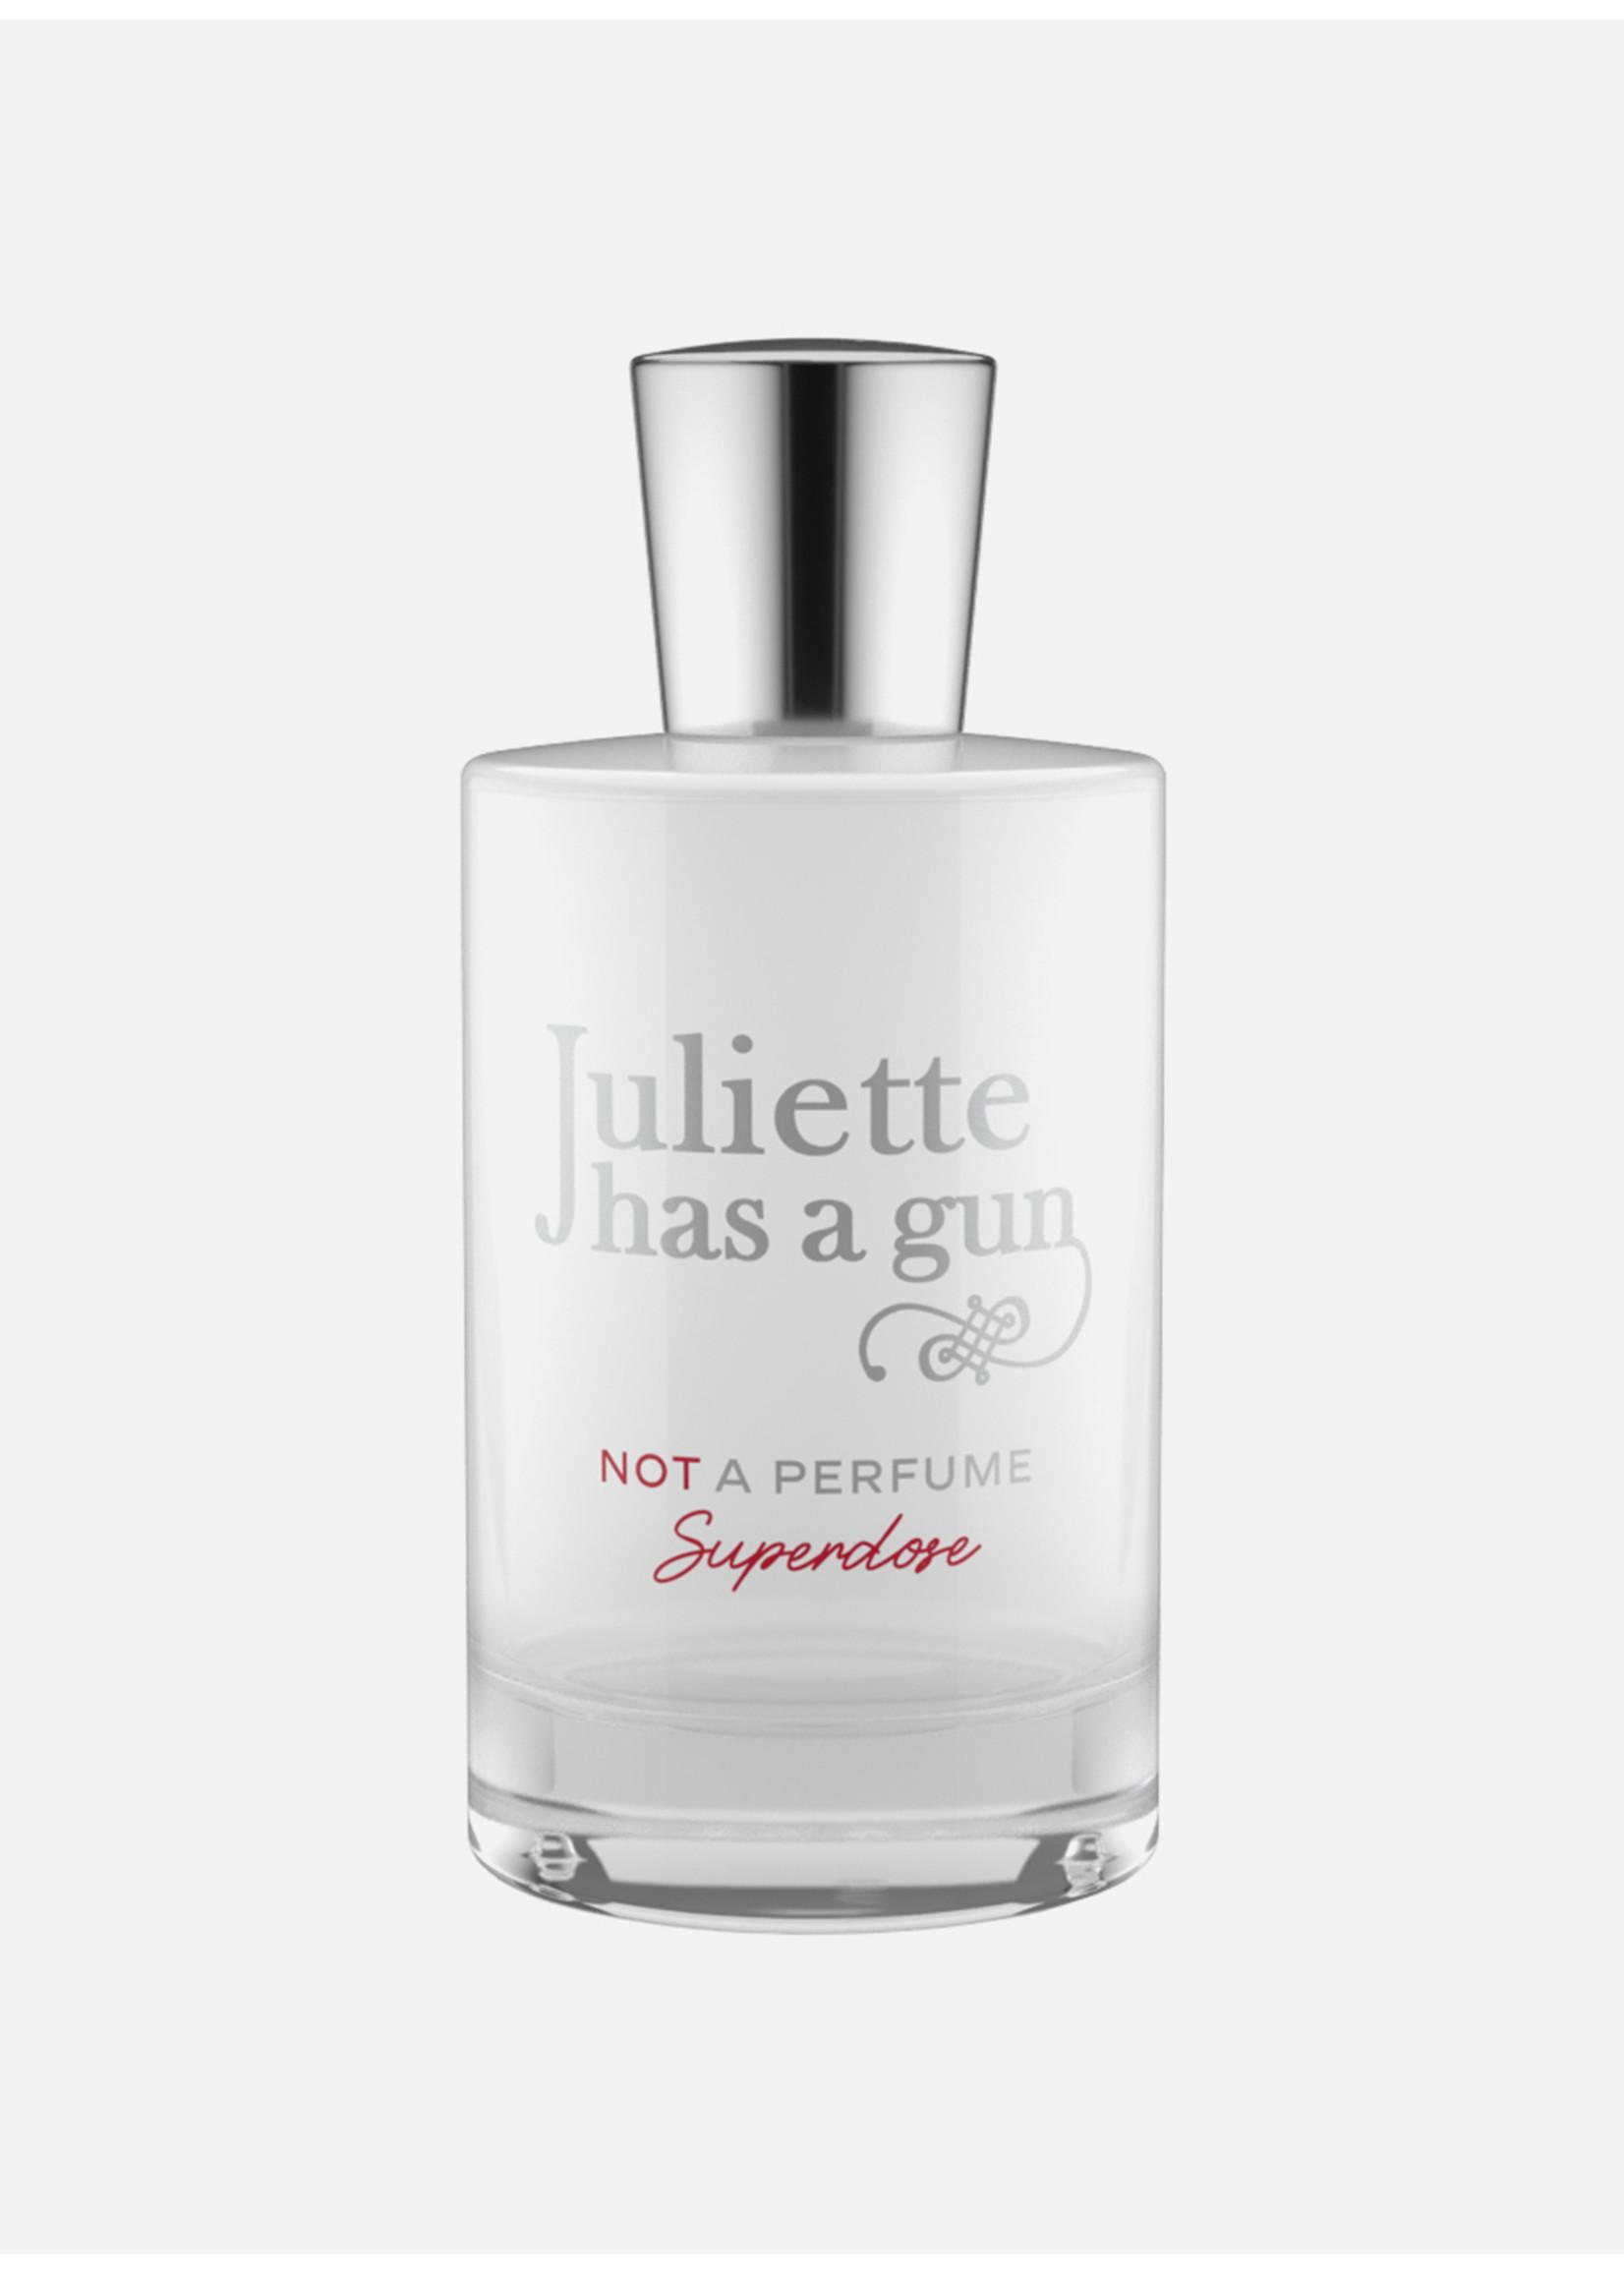 Juliette has a Gun Superdose not a parfum